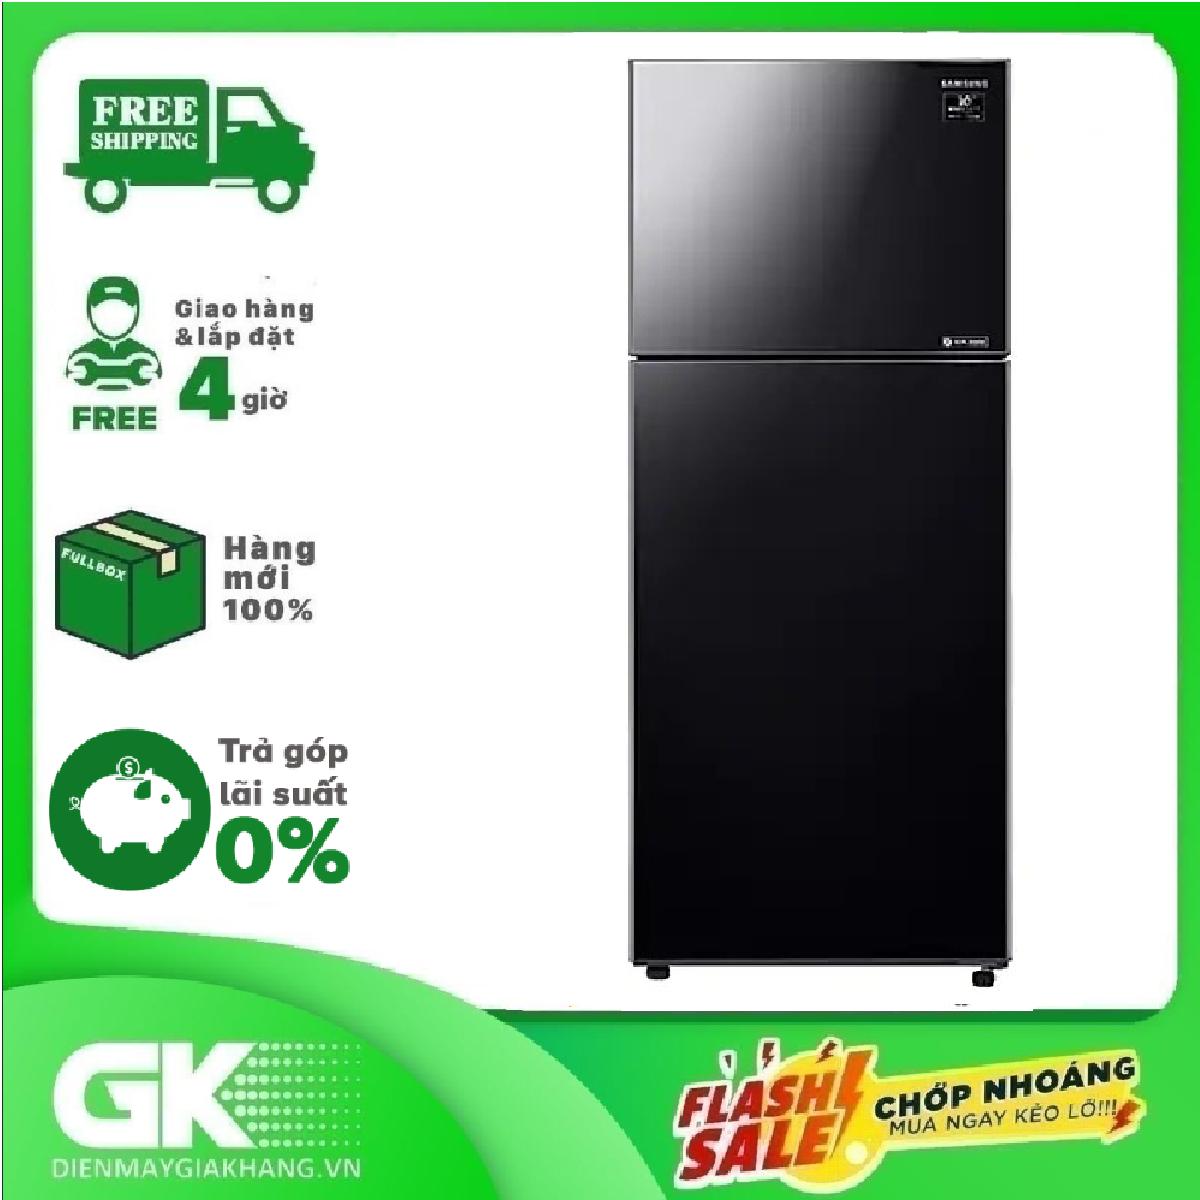 Tủ lạnh Samsung Inverter 360 lít RT35K50822C/SV Mới 2020